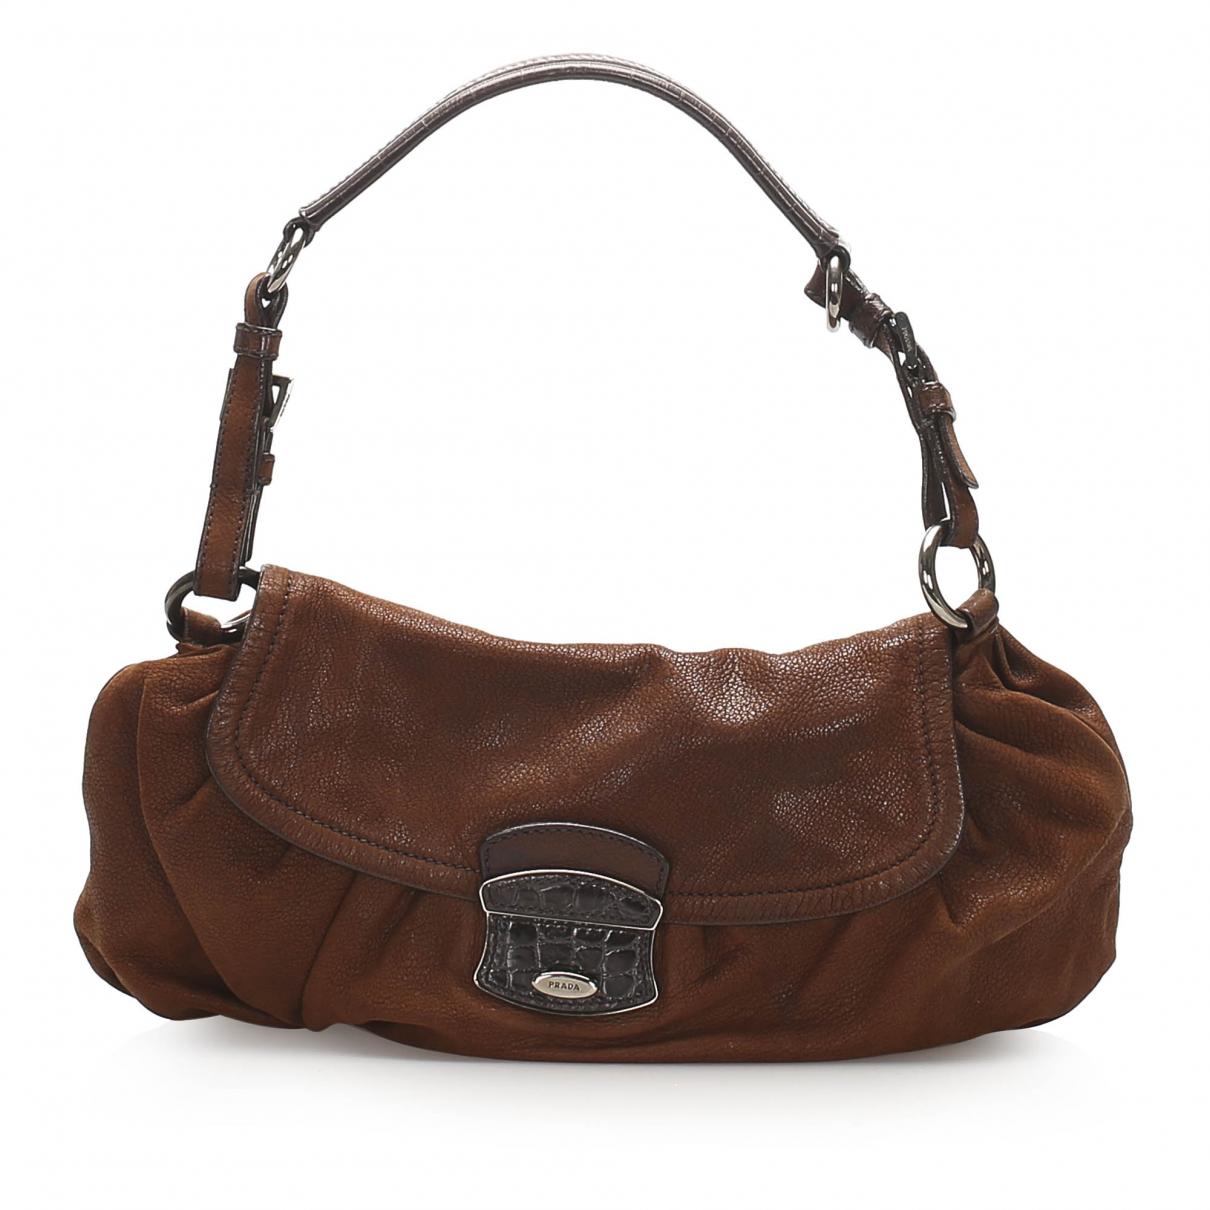 Prada N Brown Leather handbag for Women N